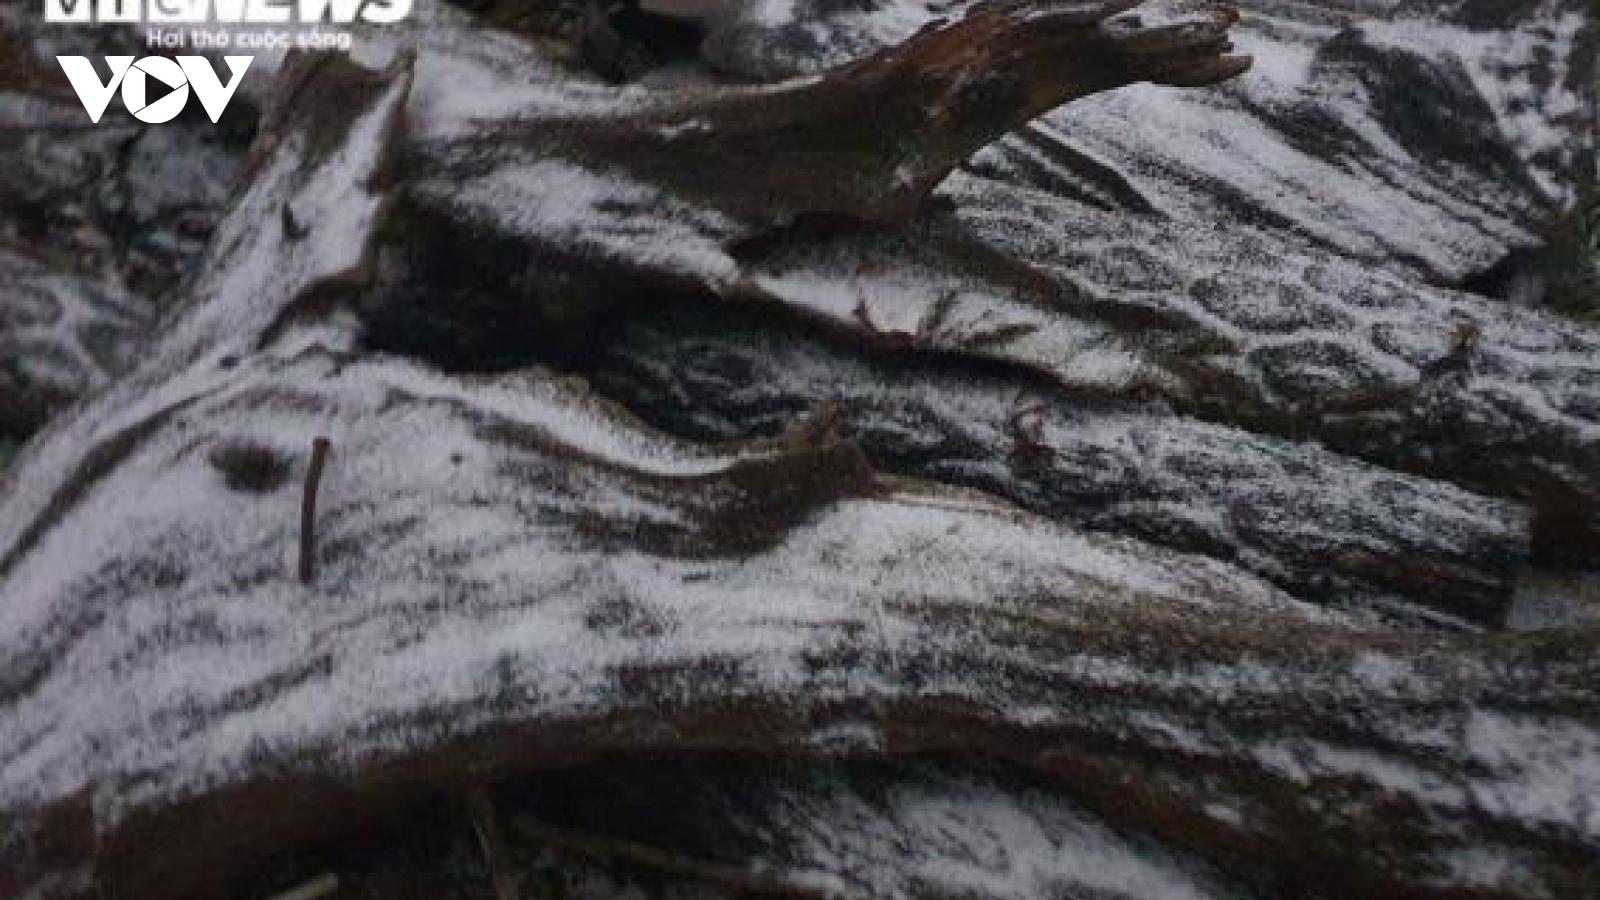 Tuyết phủ trắng xóa tại Y Tý